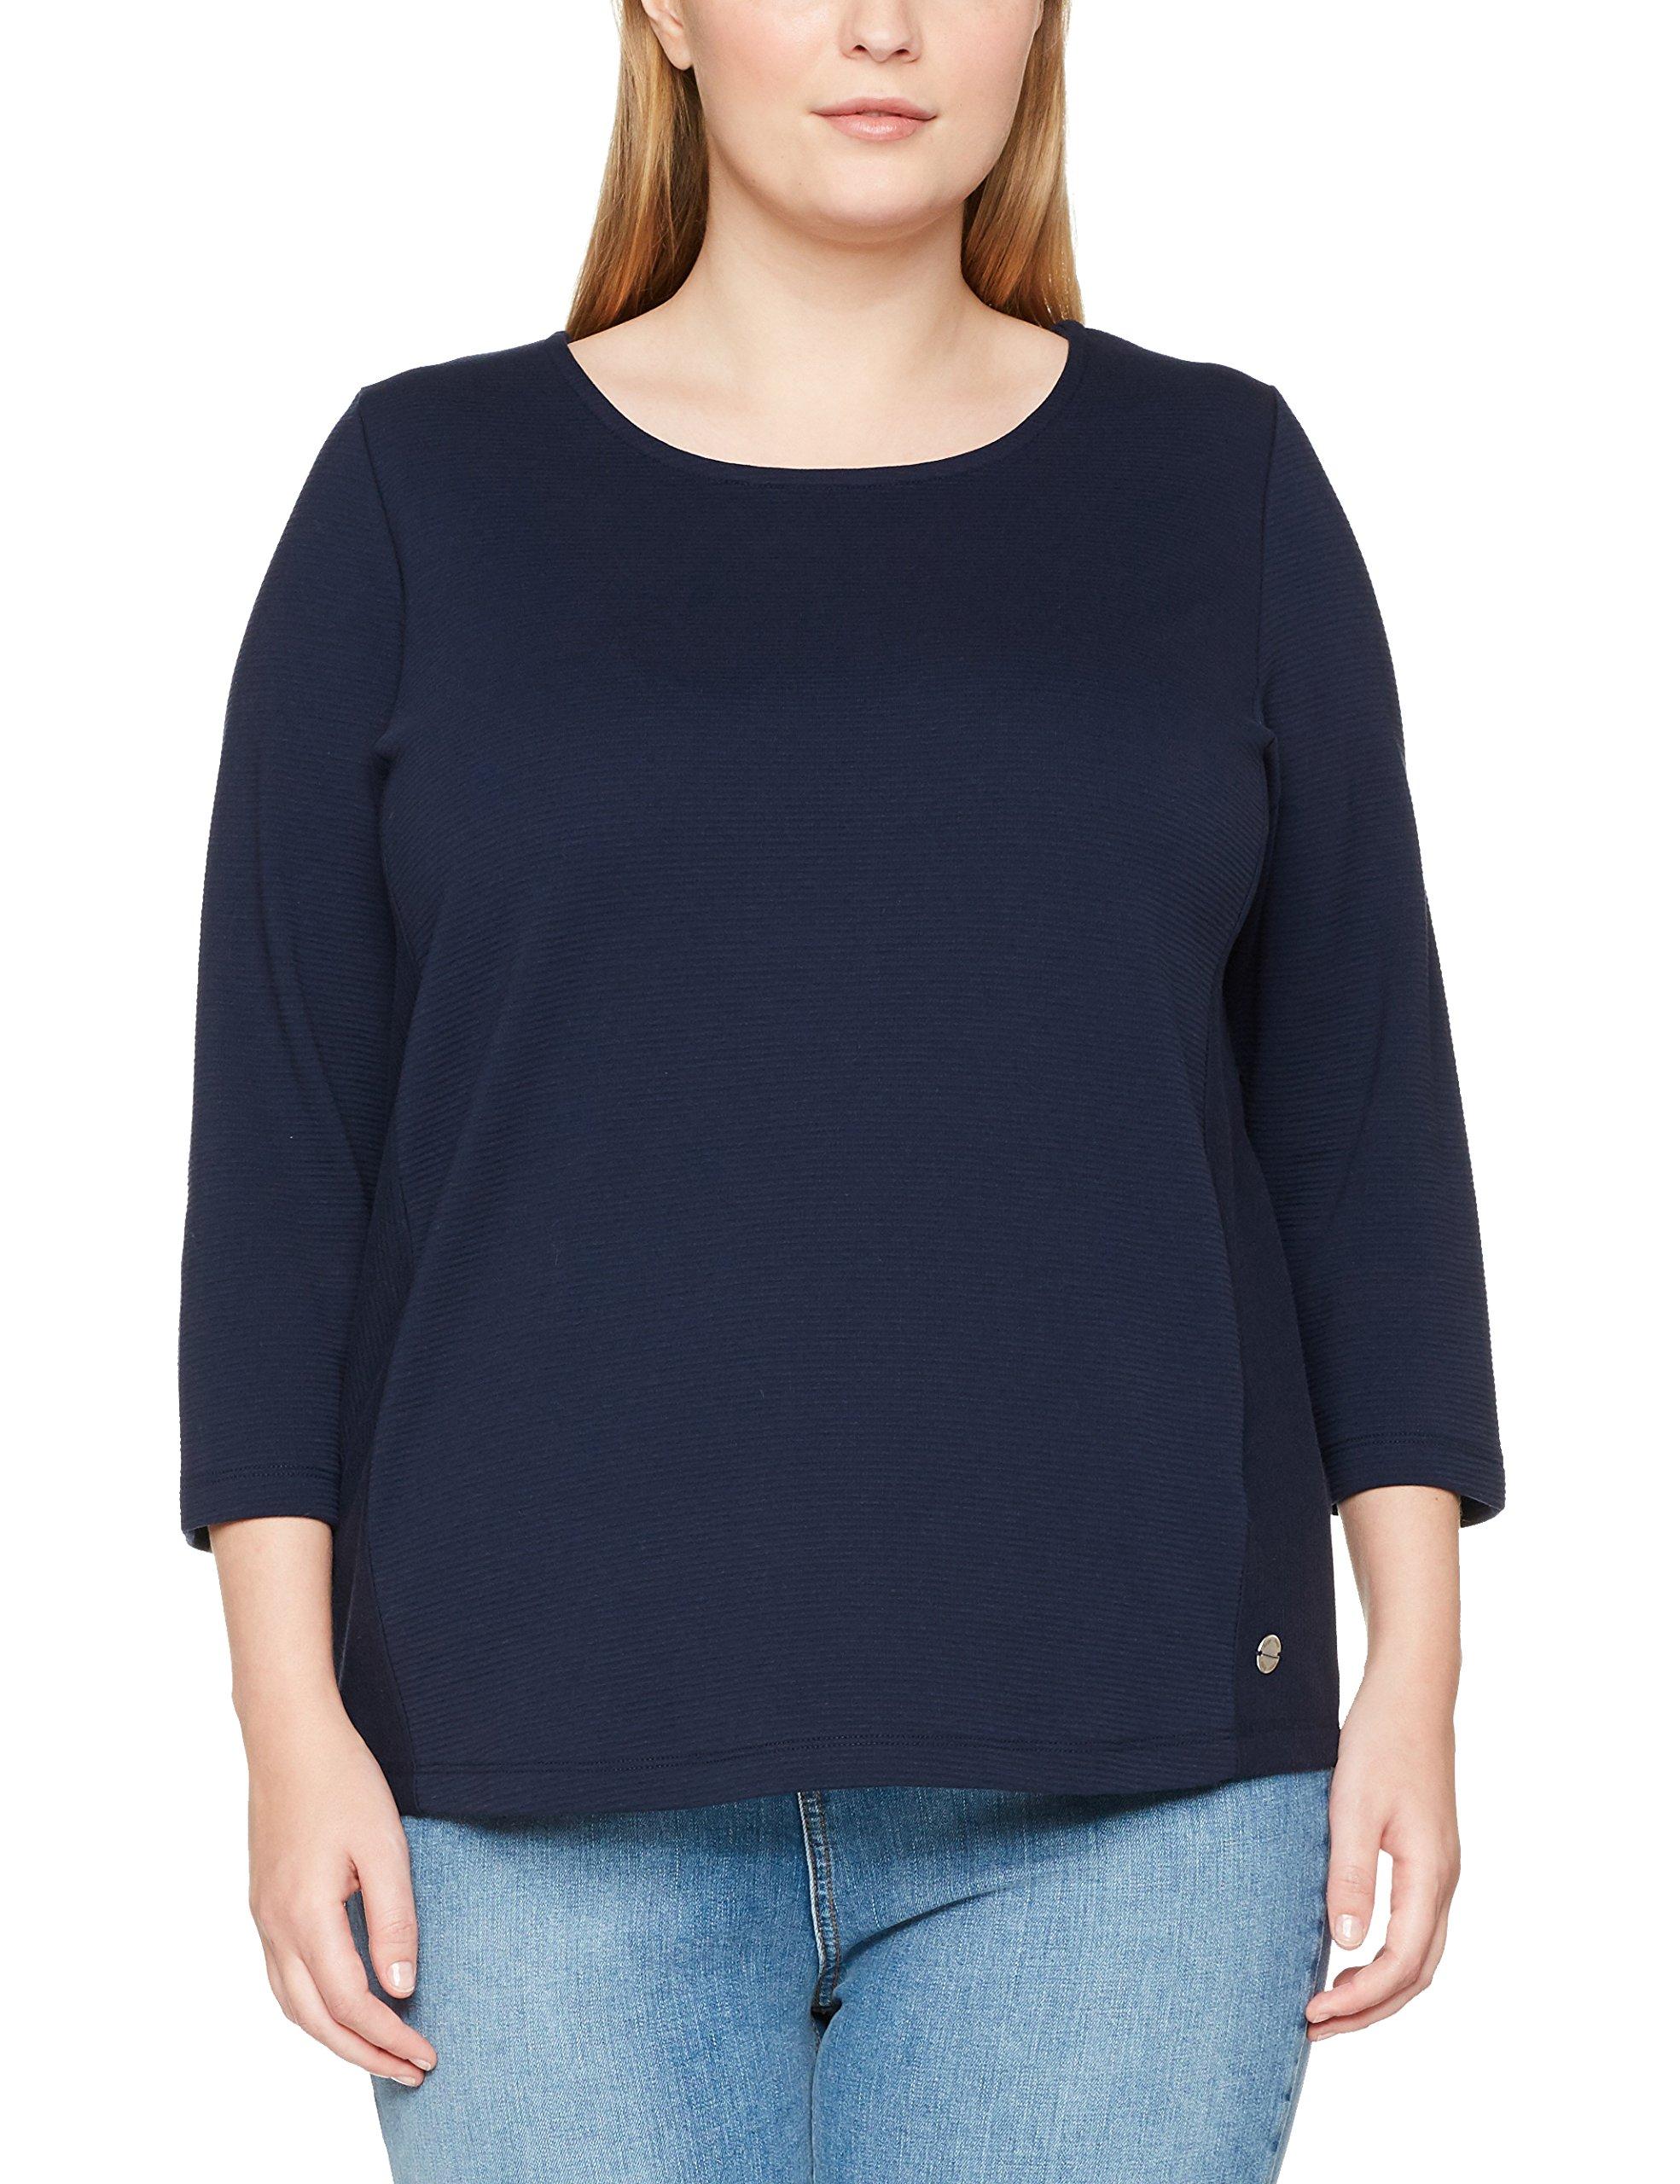 3 Sweatshirt Rundhals Frapp Arm shirtBleunavy Femme 4 Sweat 81454 oeBCrdx